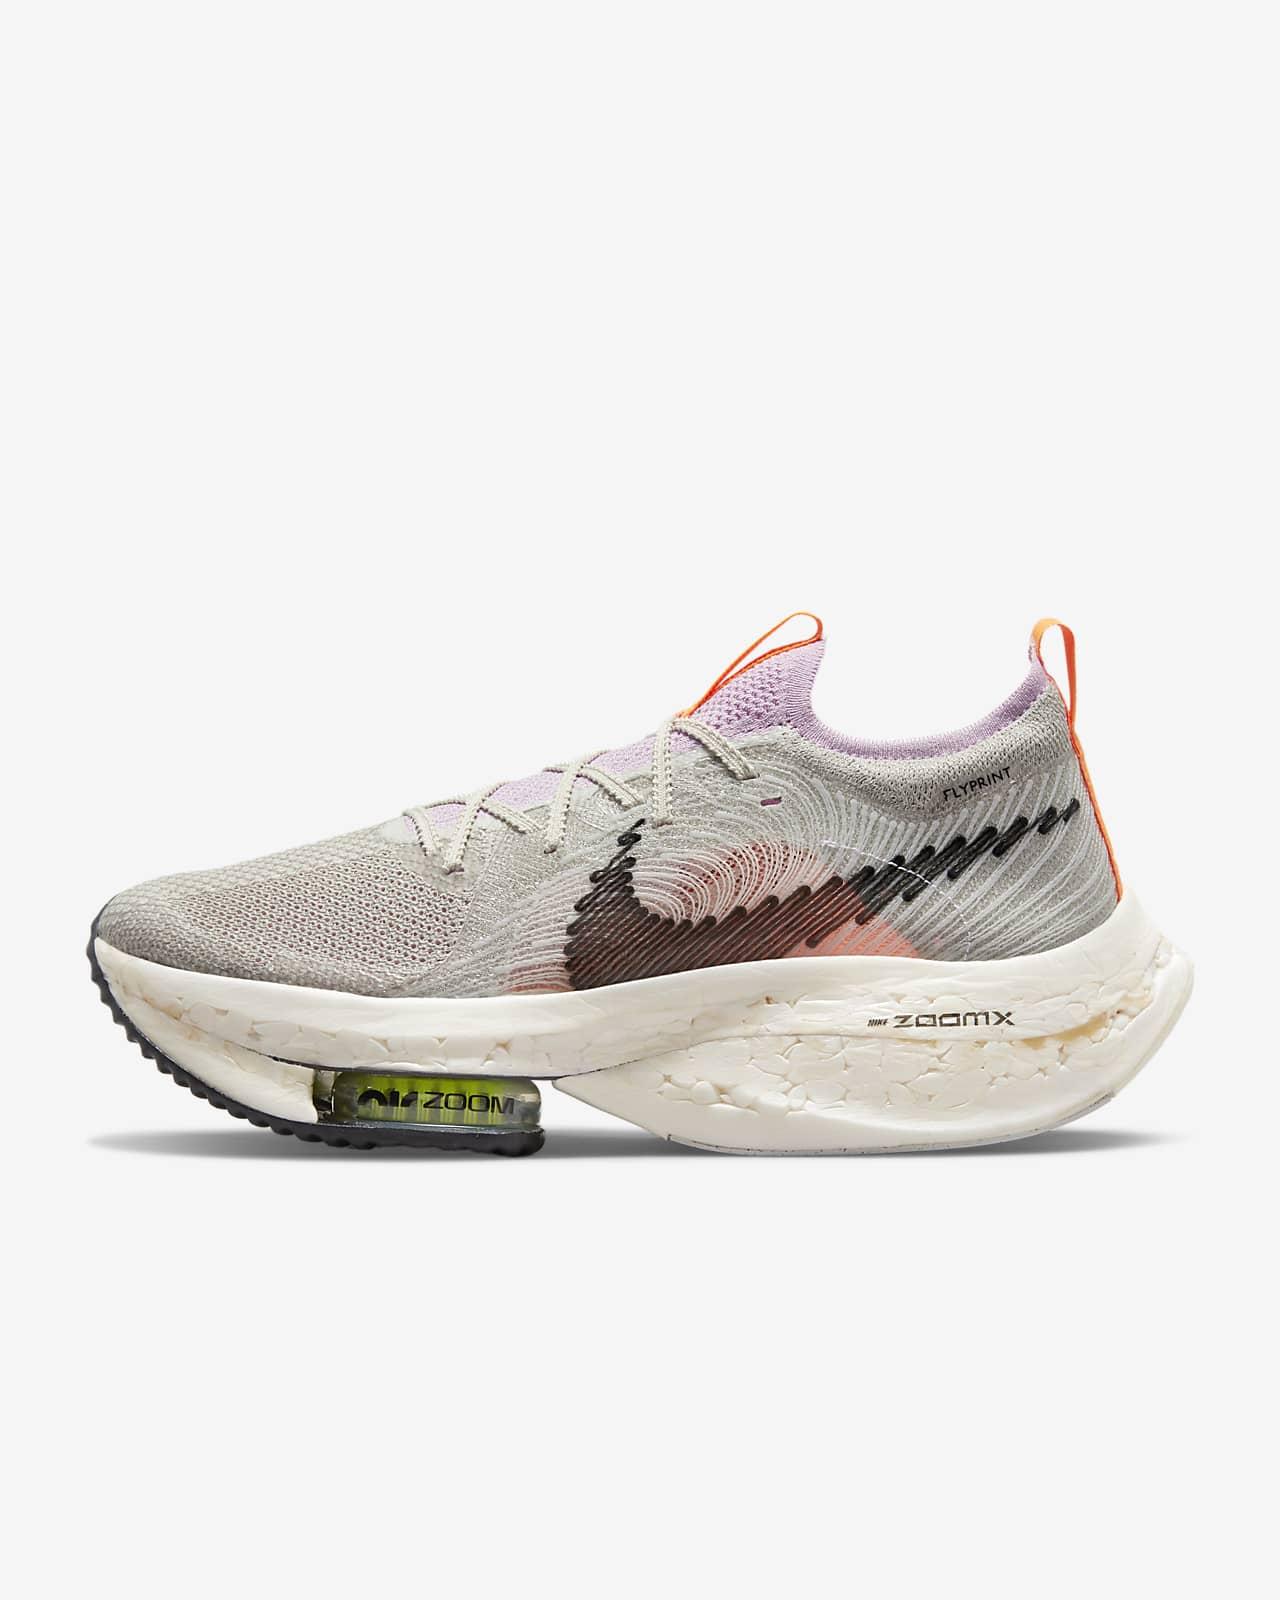 Παπούτσι αγώνων δρόμου Nike Zoom Alphafly Next Nature